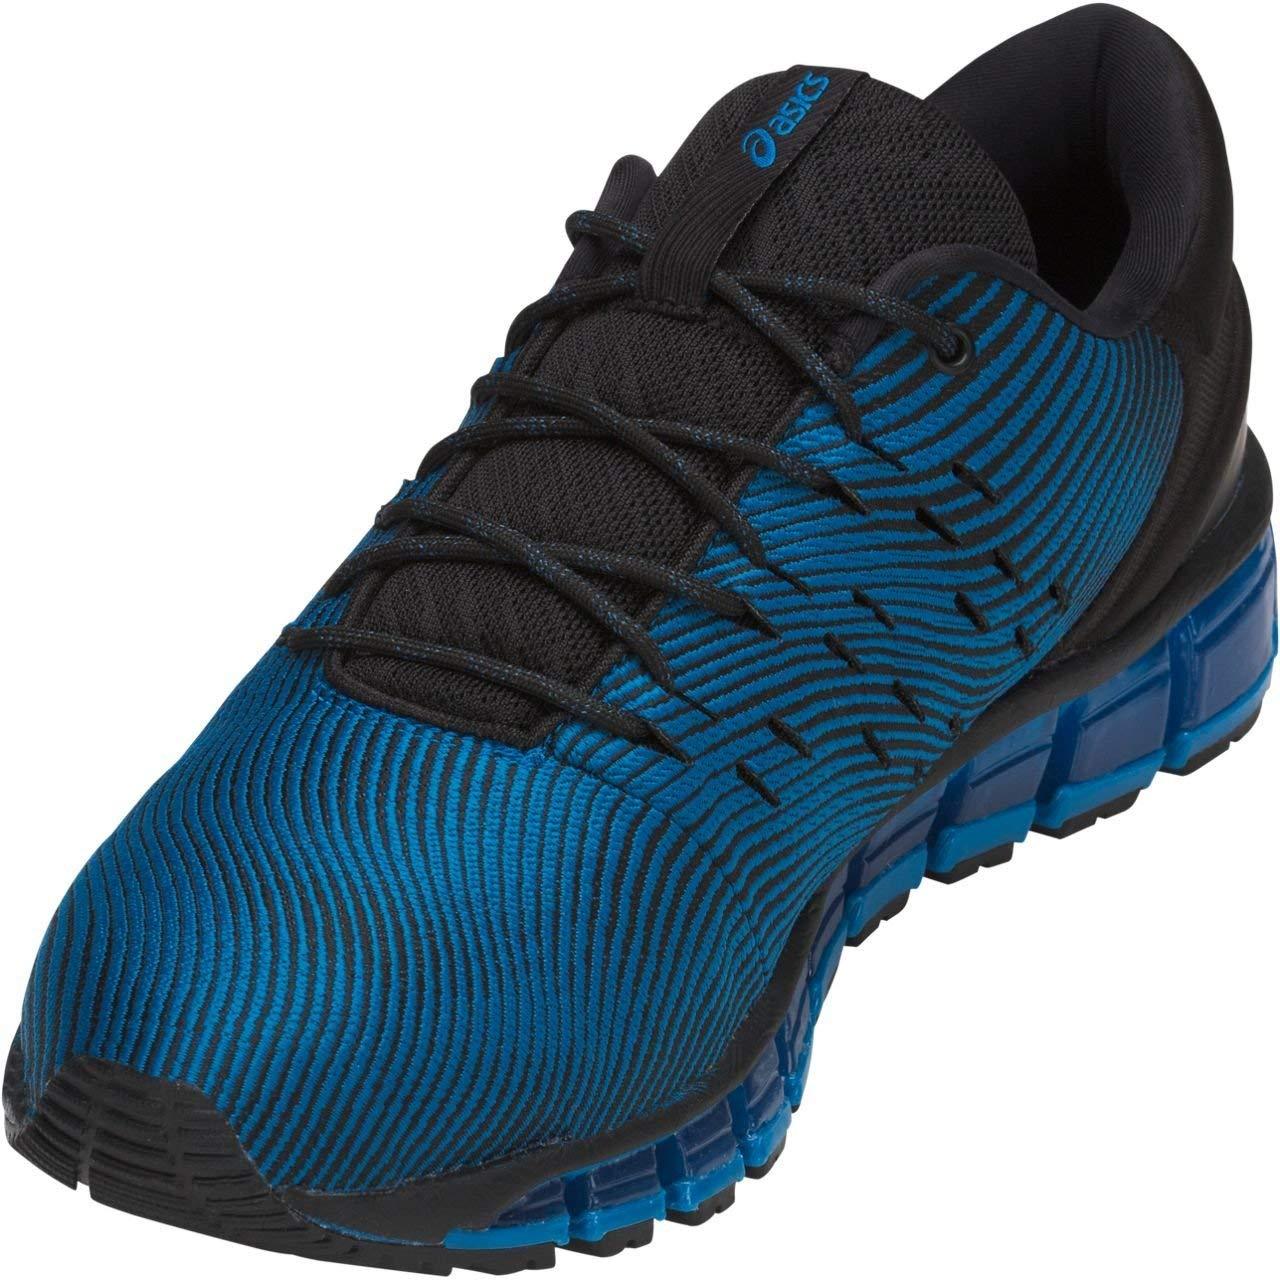 Race bluee Black ASICS Men's Gel-Cumulus 20 Running shoes 1011A008